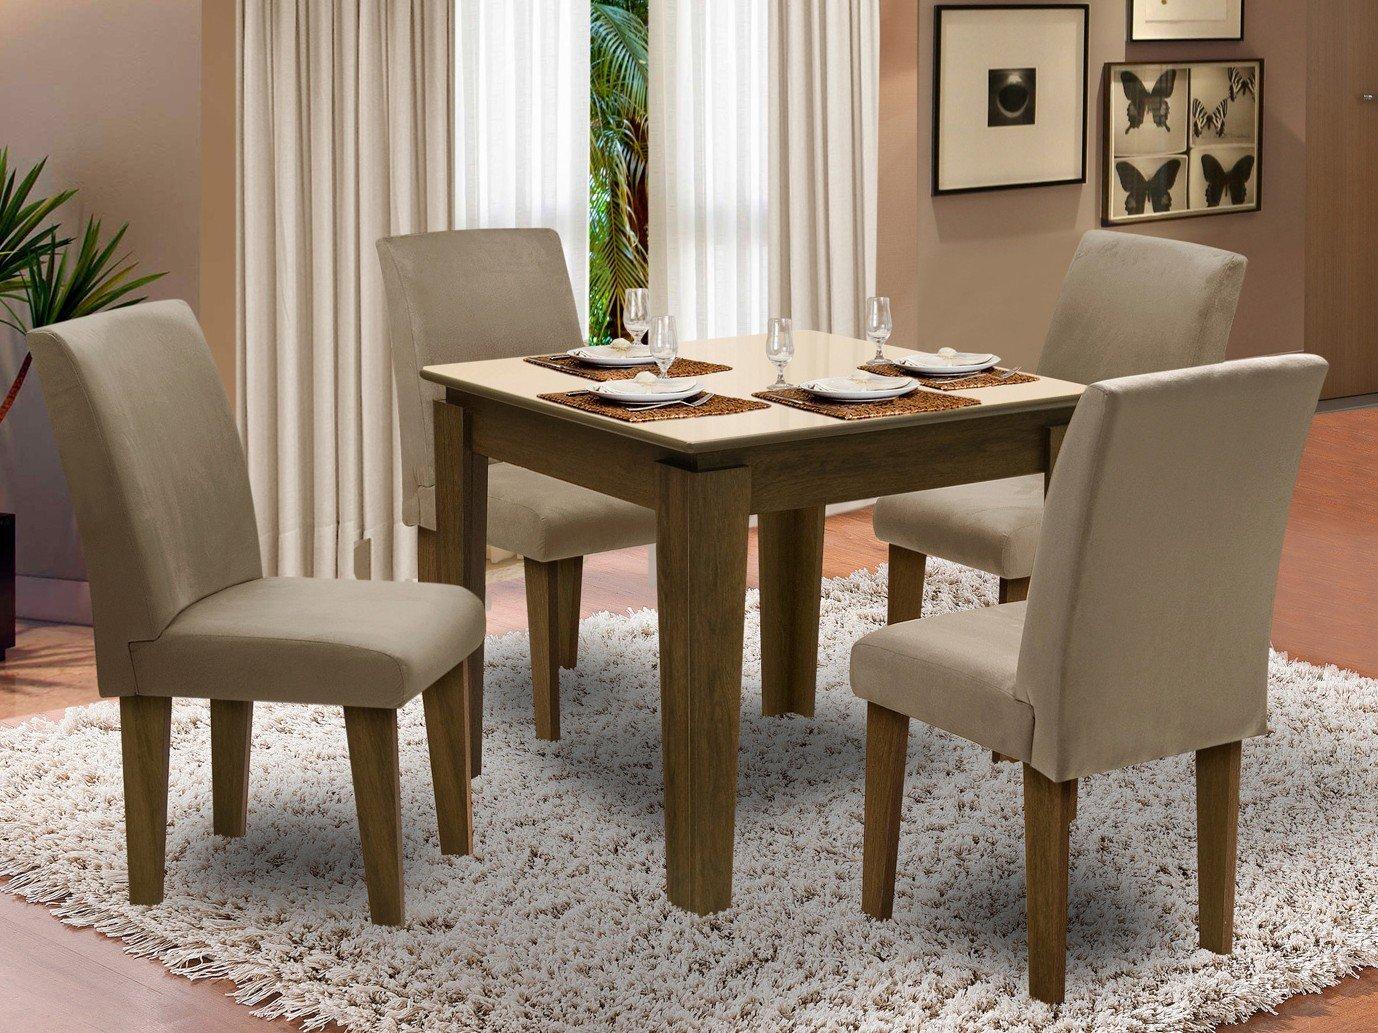 Foto 1 - Conjunto de Mesa com 4 Cadeiras Estofadas - Dobuê Movelaria Siena